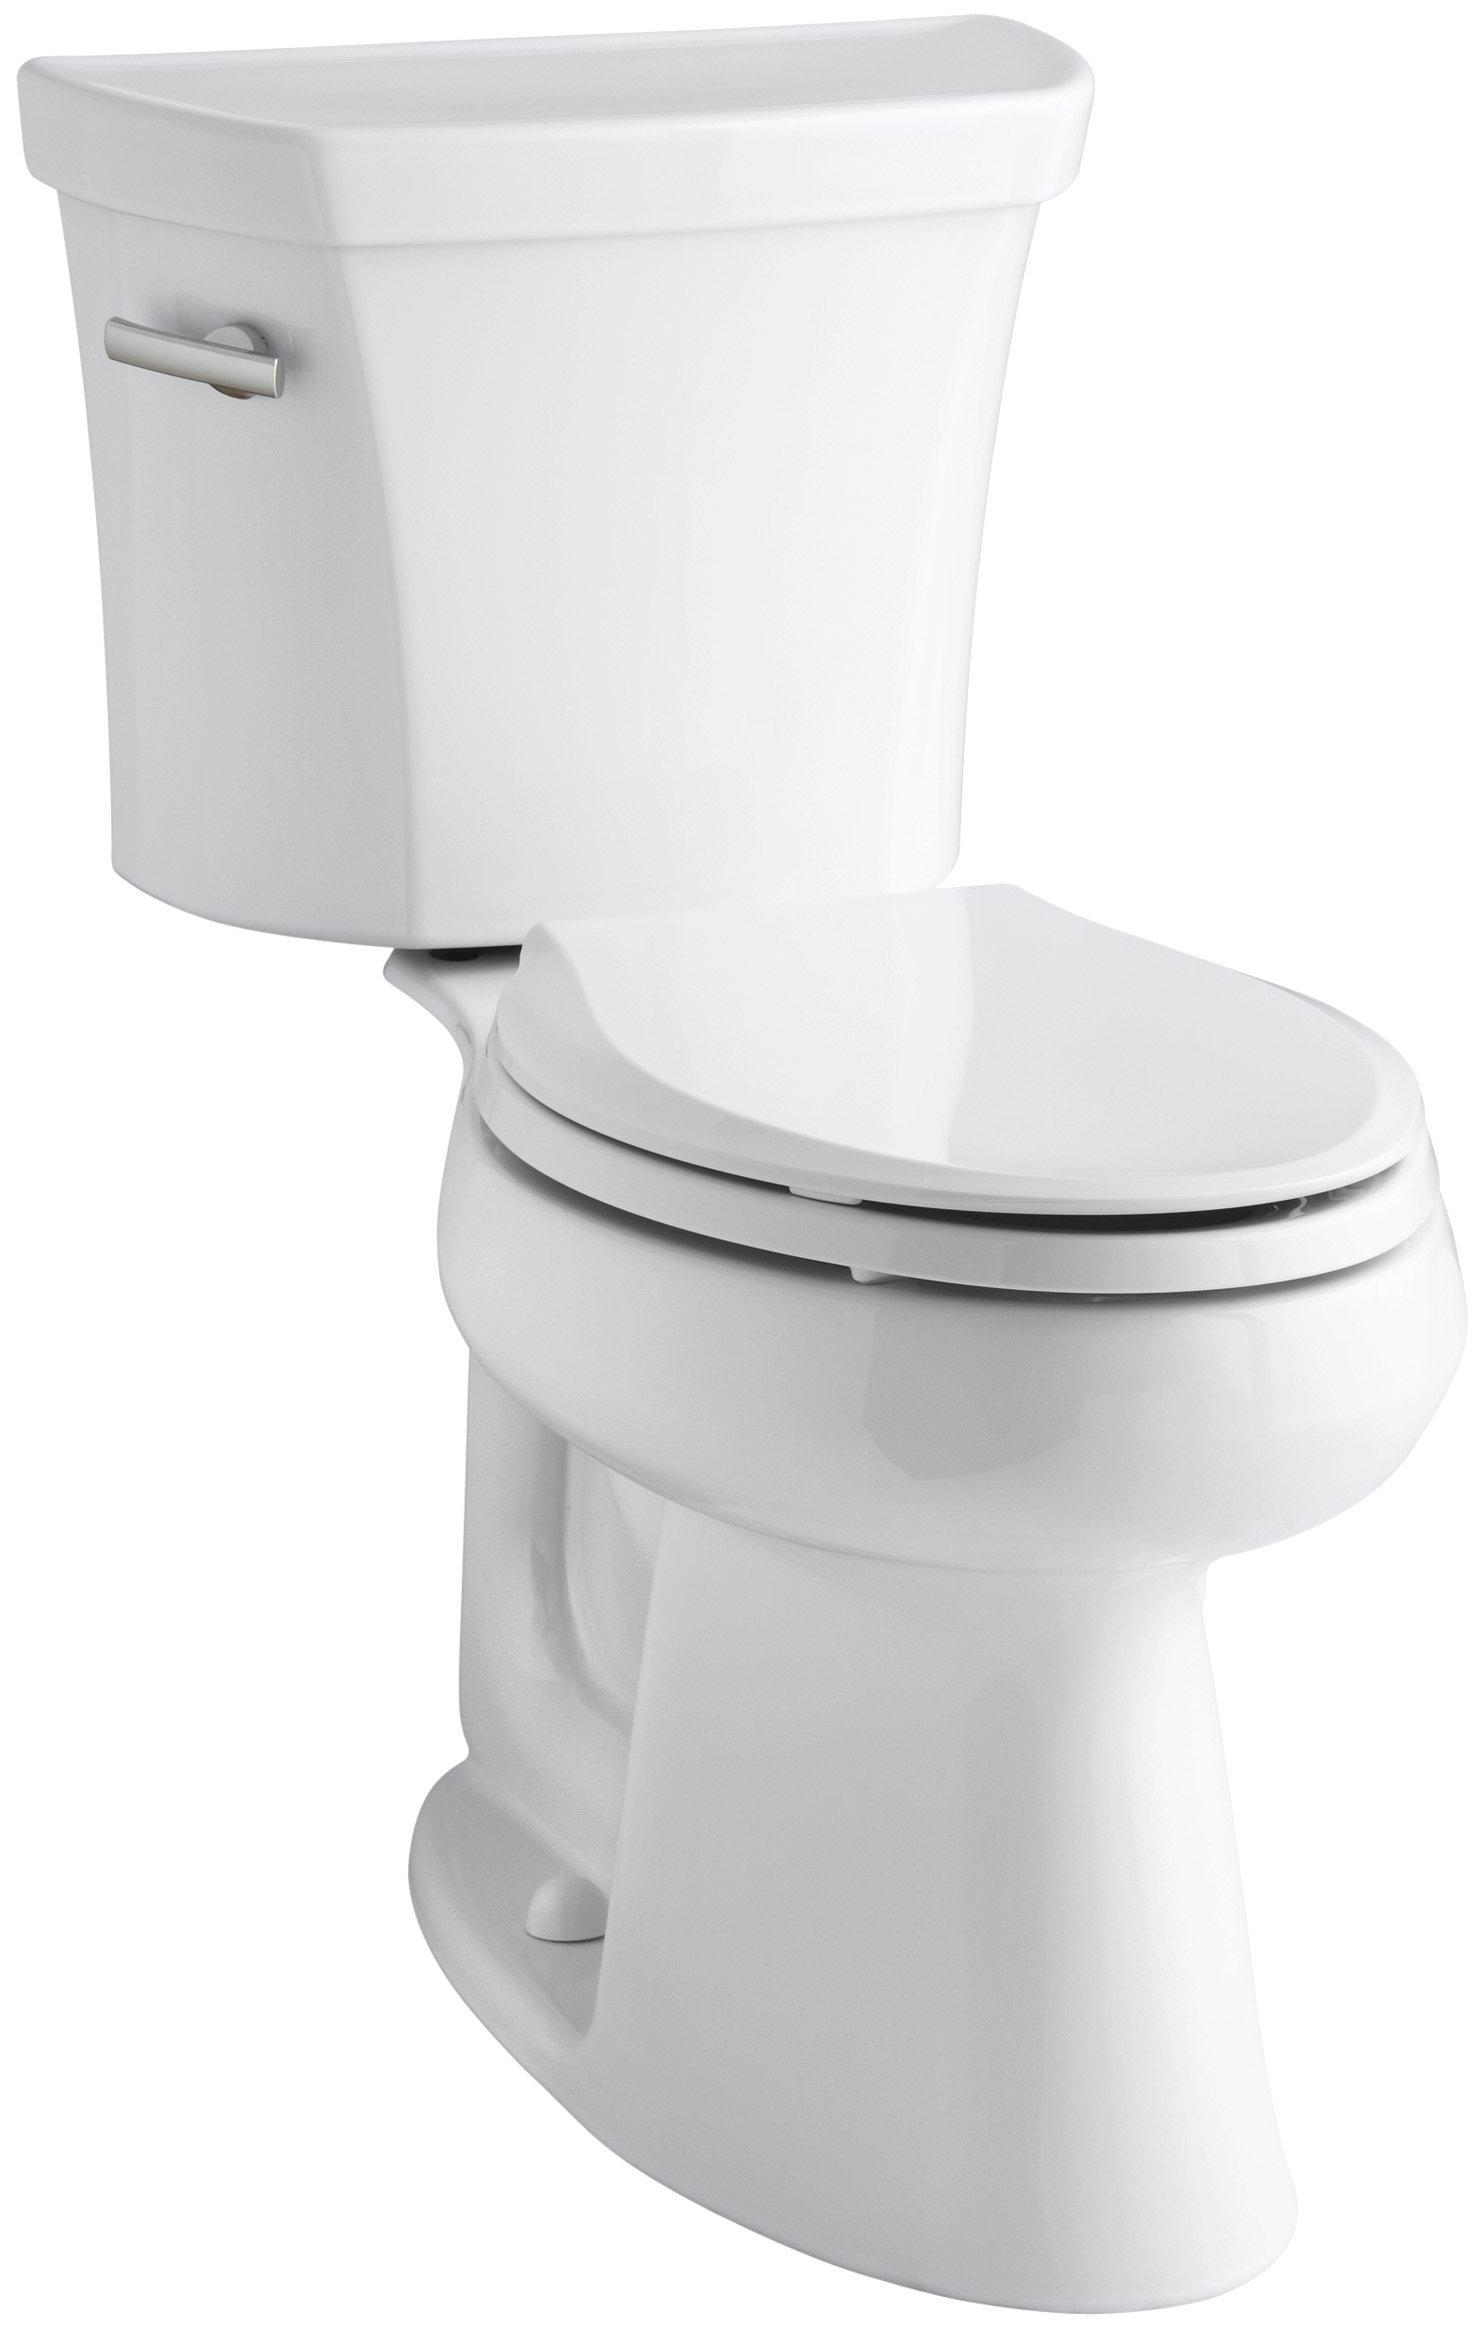 Kohler K 3999 0 Toilet White